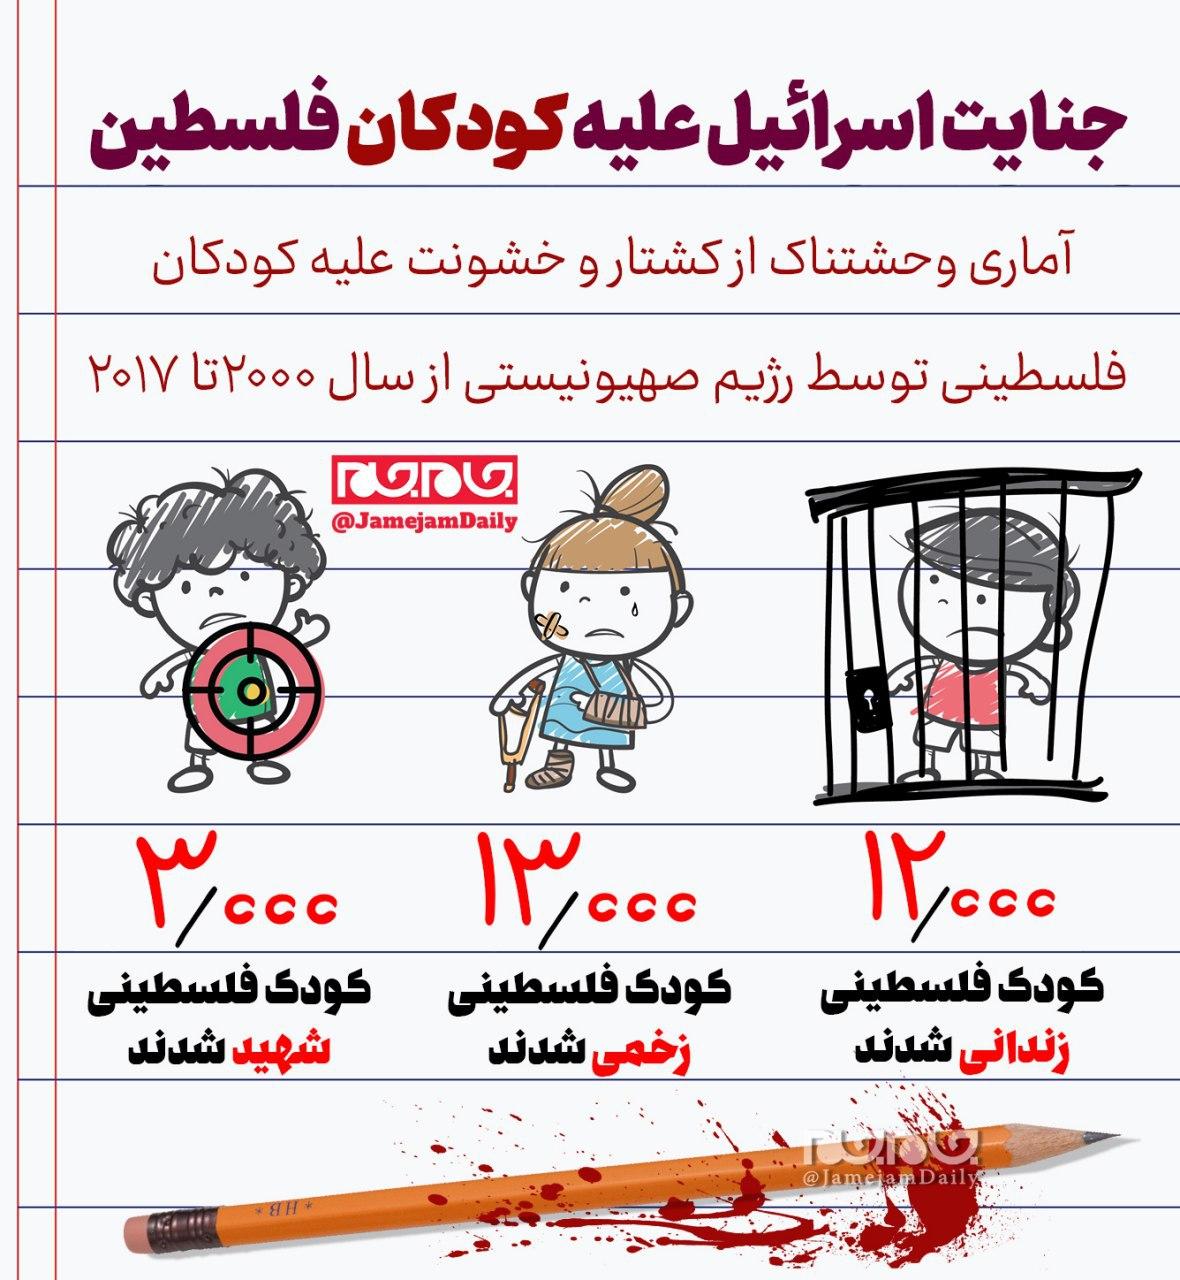 جنایت اسرائیل علیه کودکان فلسطین + عکس